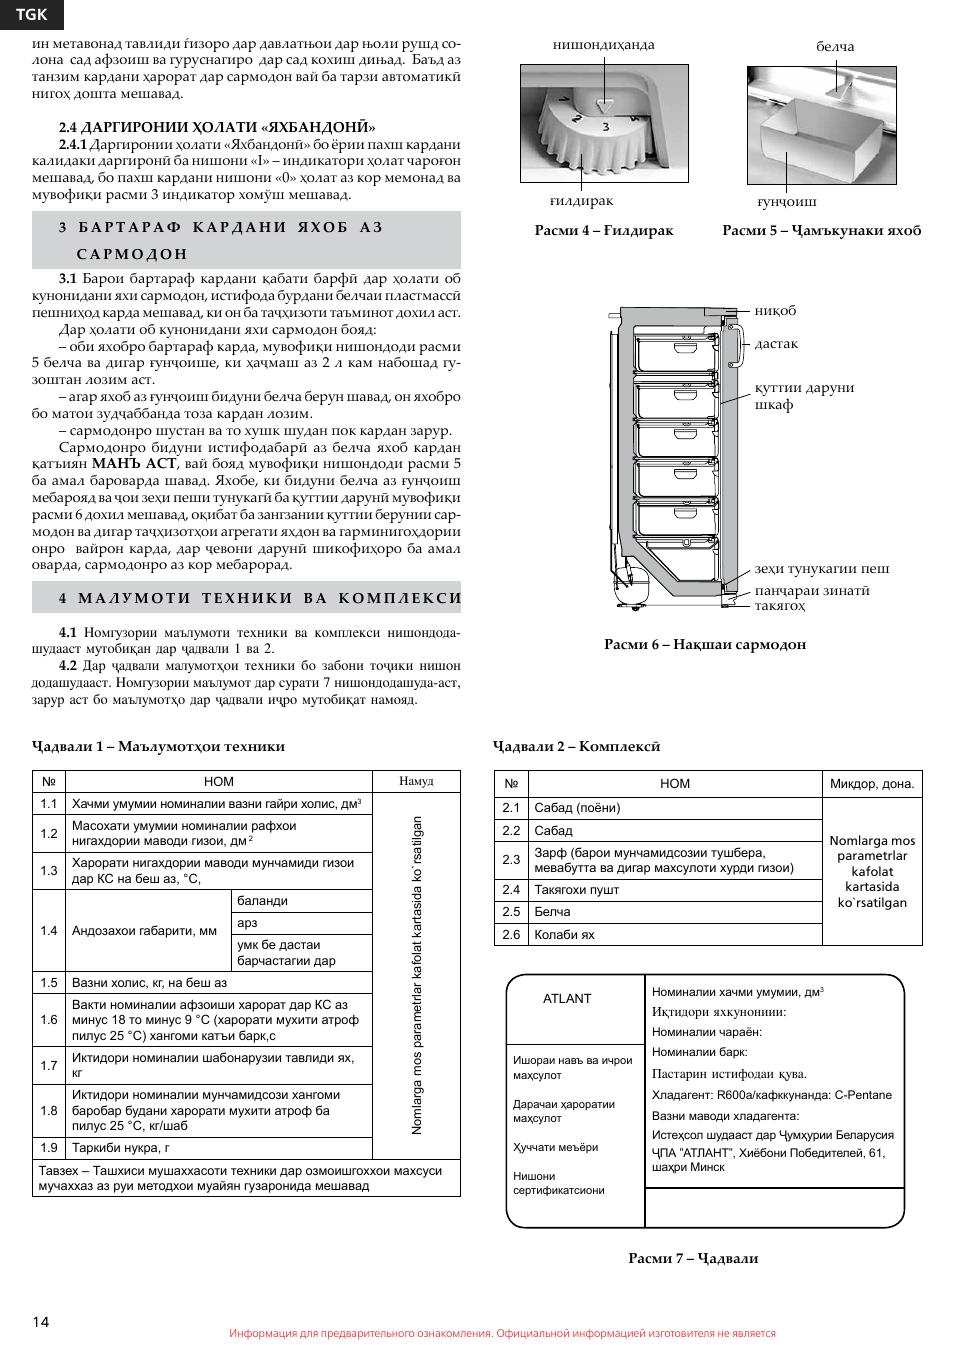 морозильник атлант 7184-003 инструкция по эксплуатации